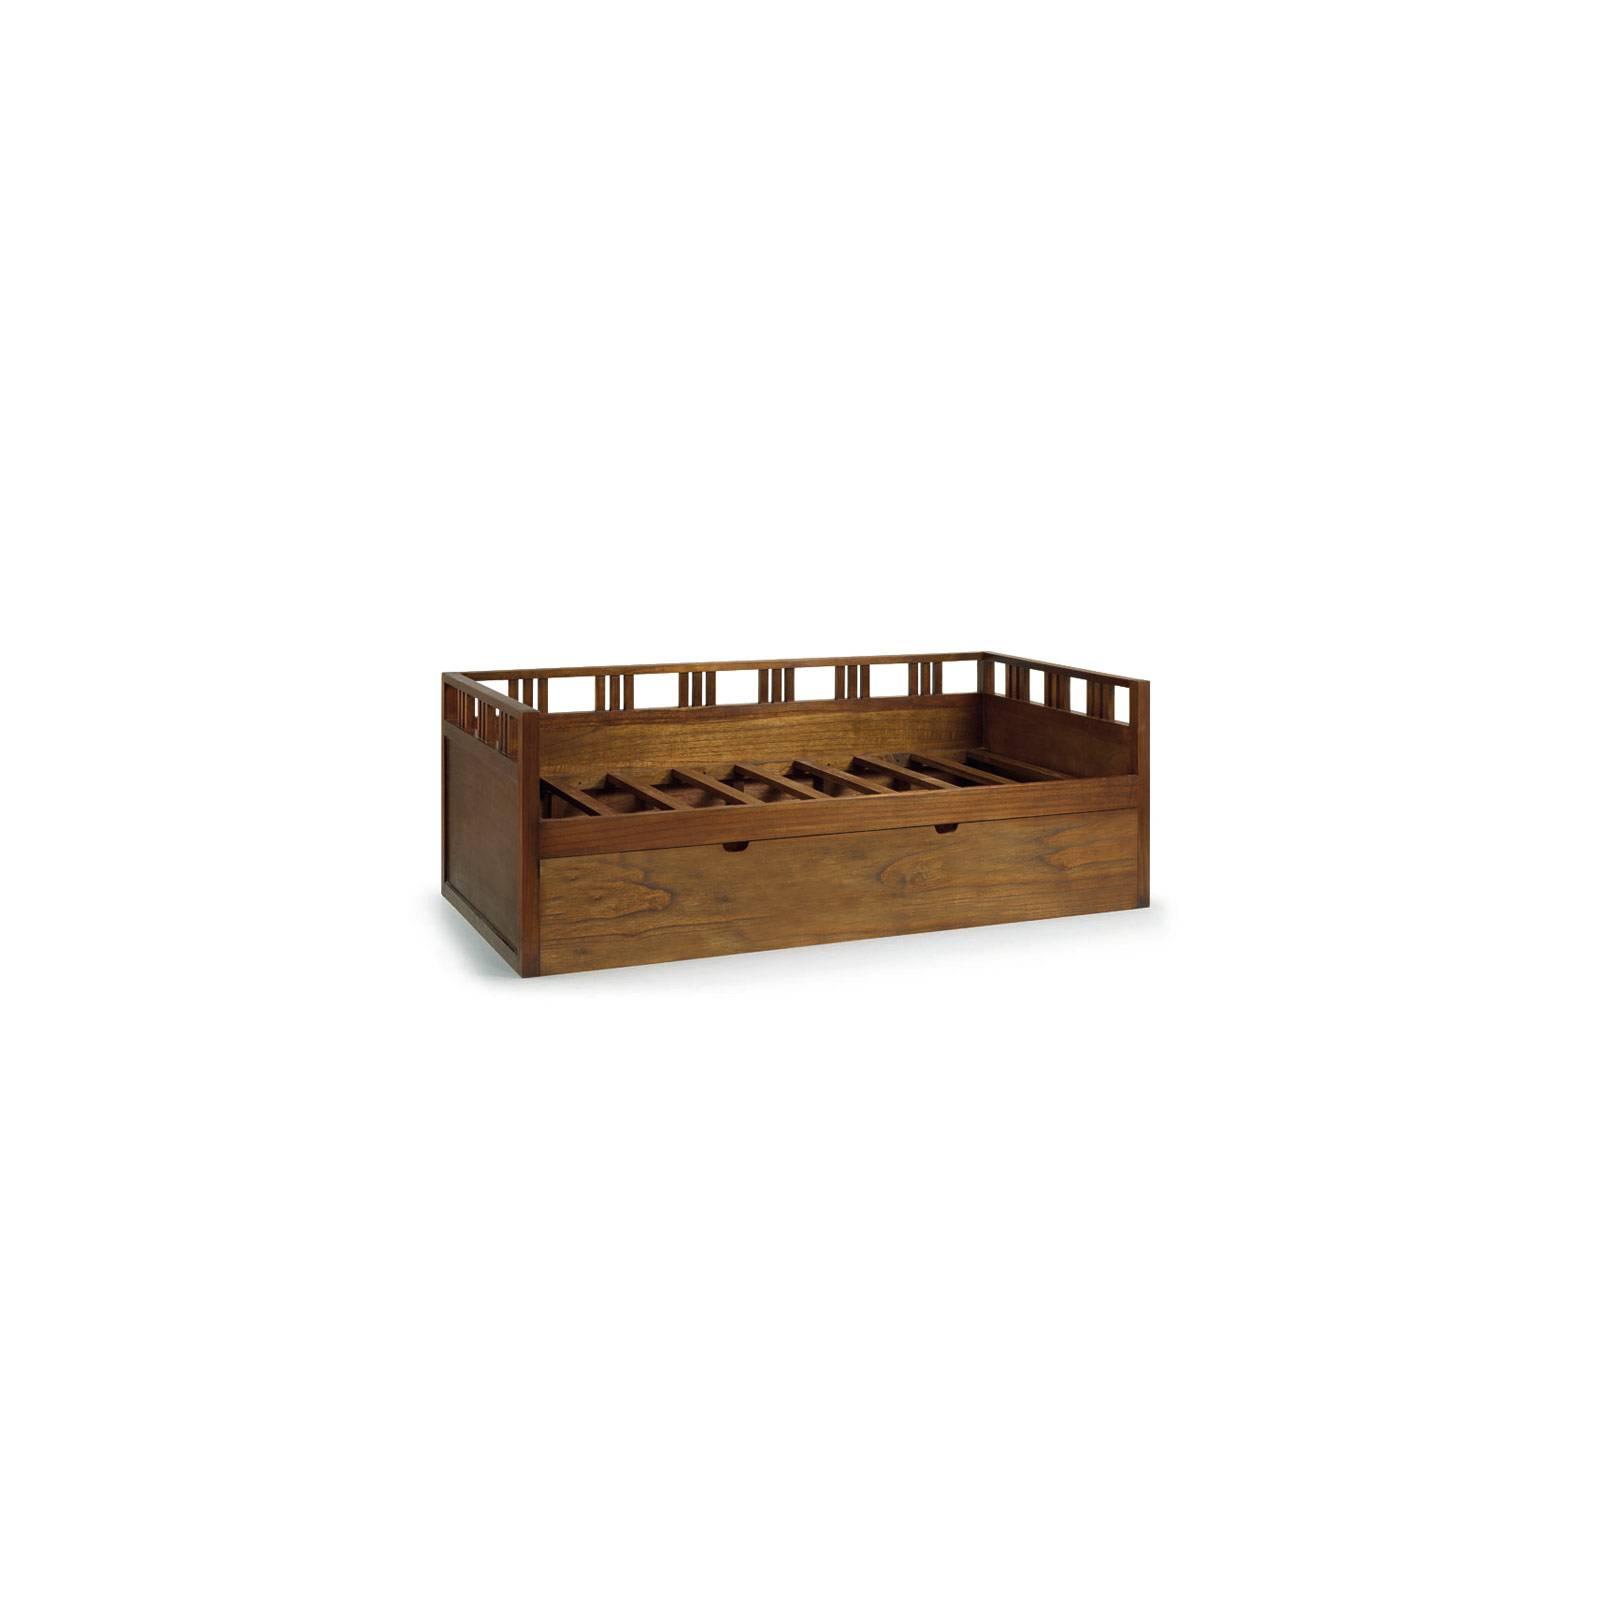 Lit Une Personne Gigogne Tali Mindy - meuble bois exotique